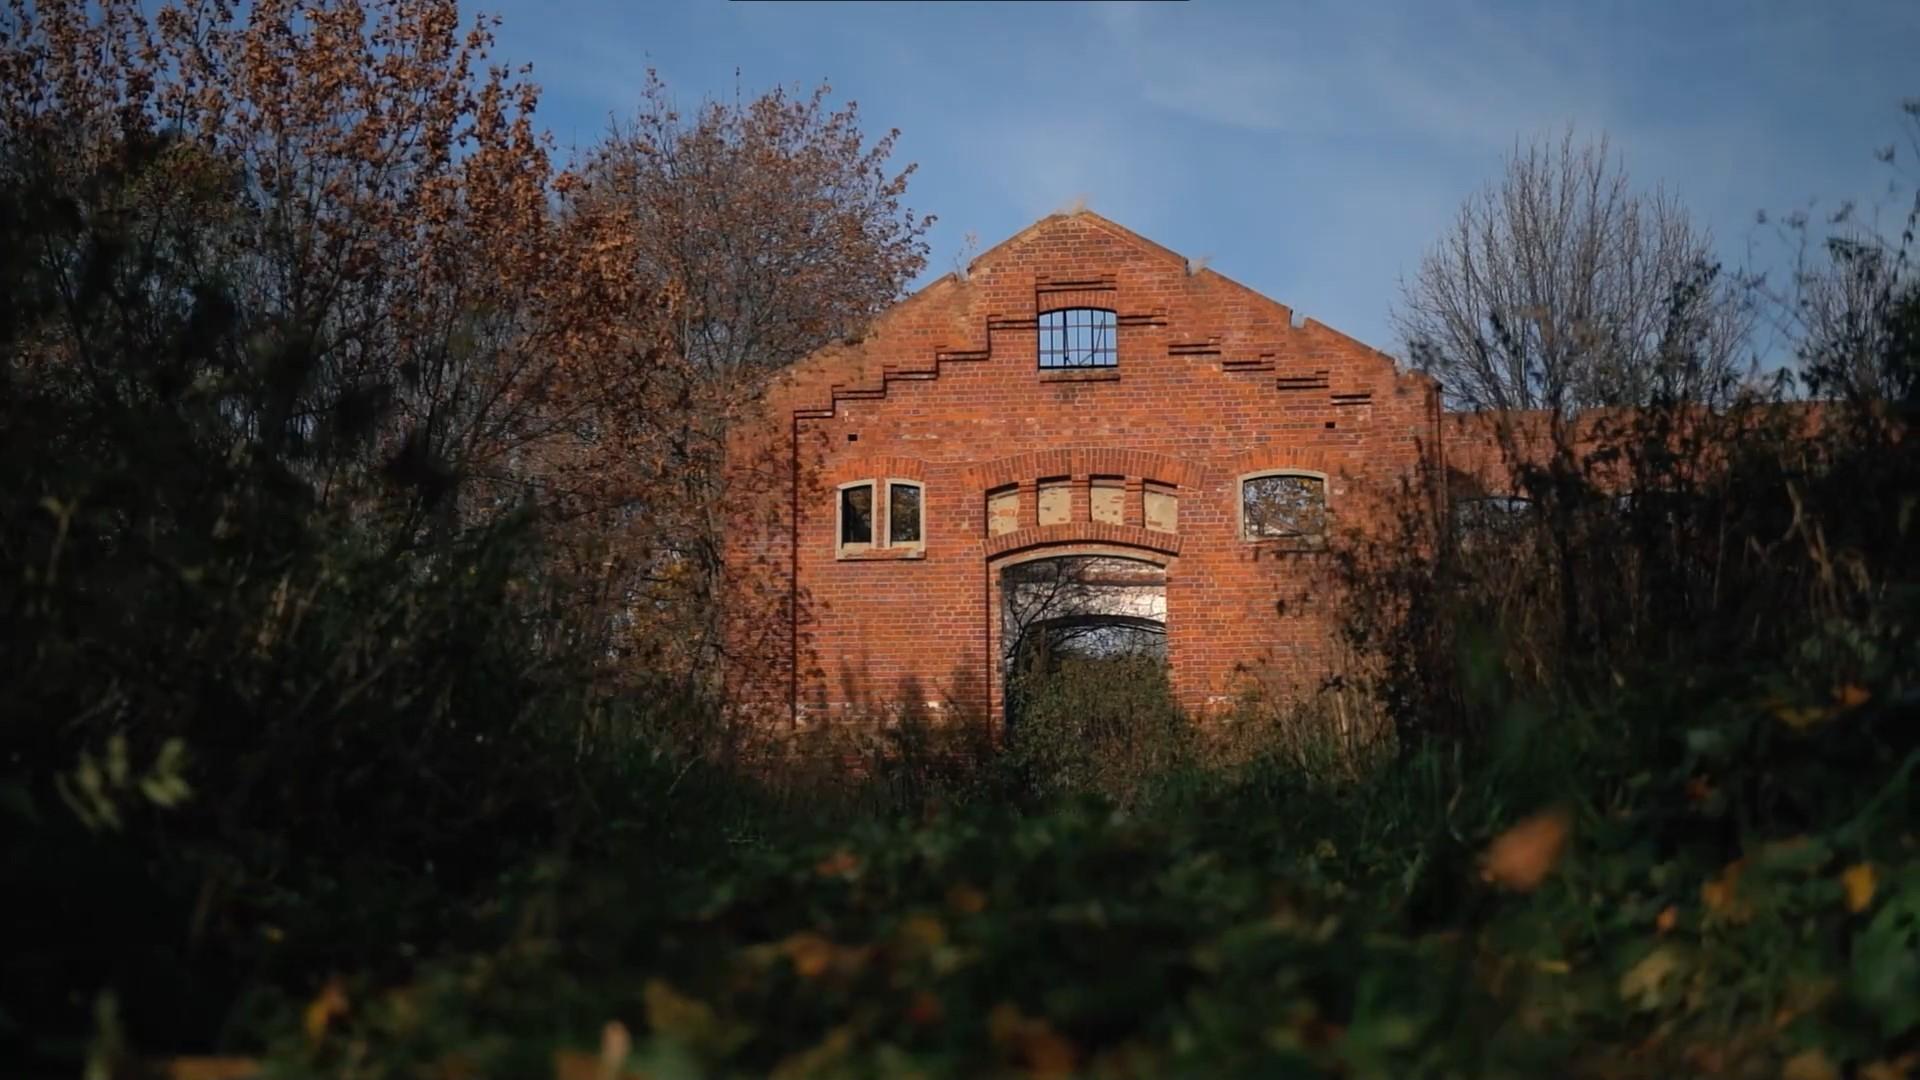 Нижегородский туристско-информационный центр опубликовал новый выпуск видеопроекта «Усадьбы Нижегородской области»